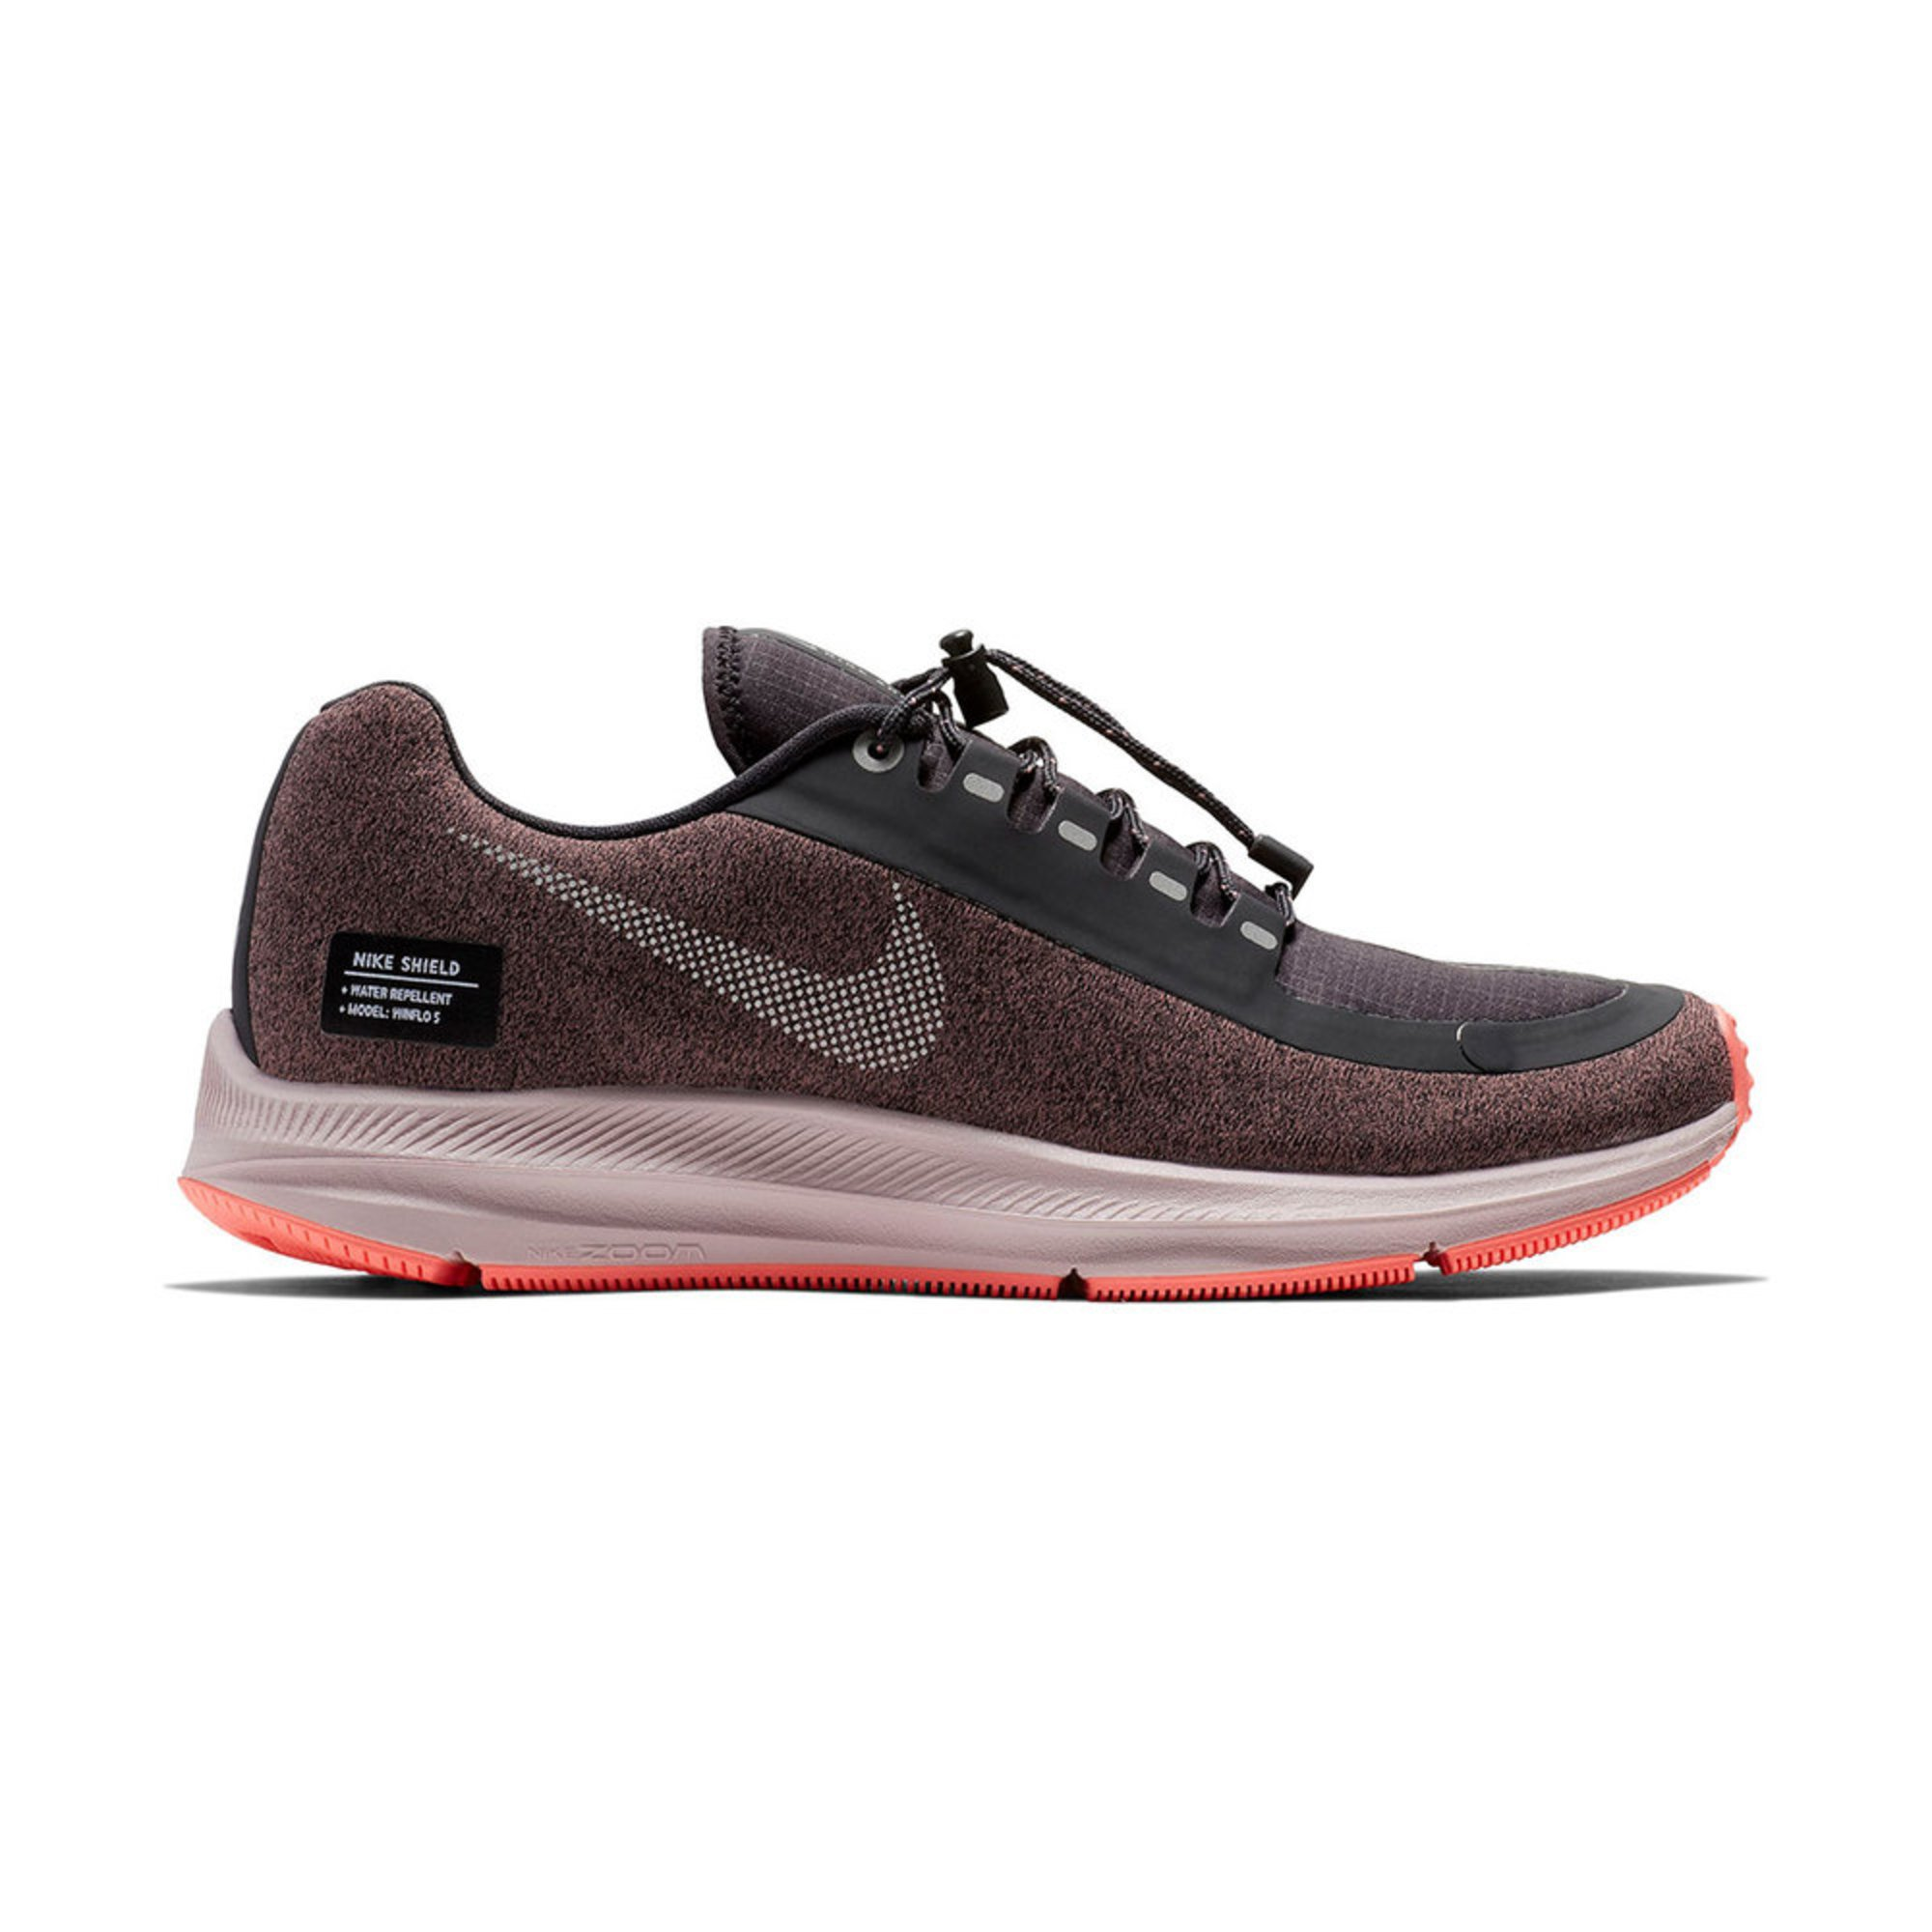 Nike Women's Air Zoom Winflo 5 Shield Running Shoe | Women's